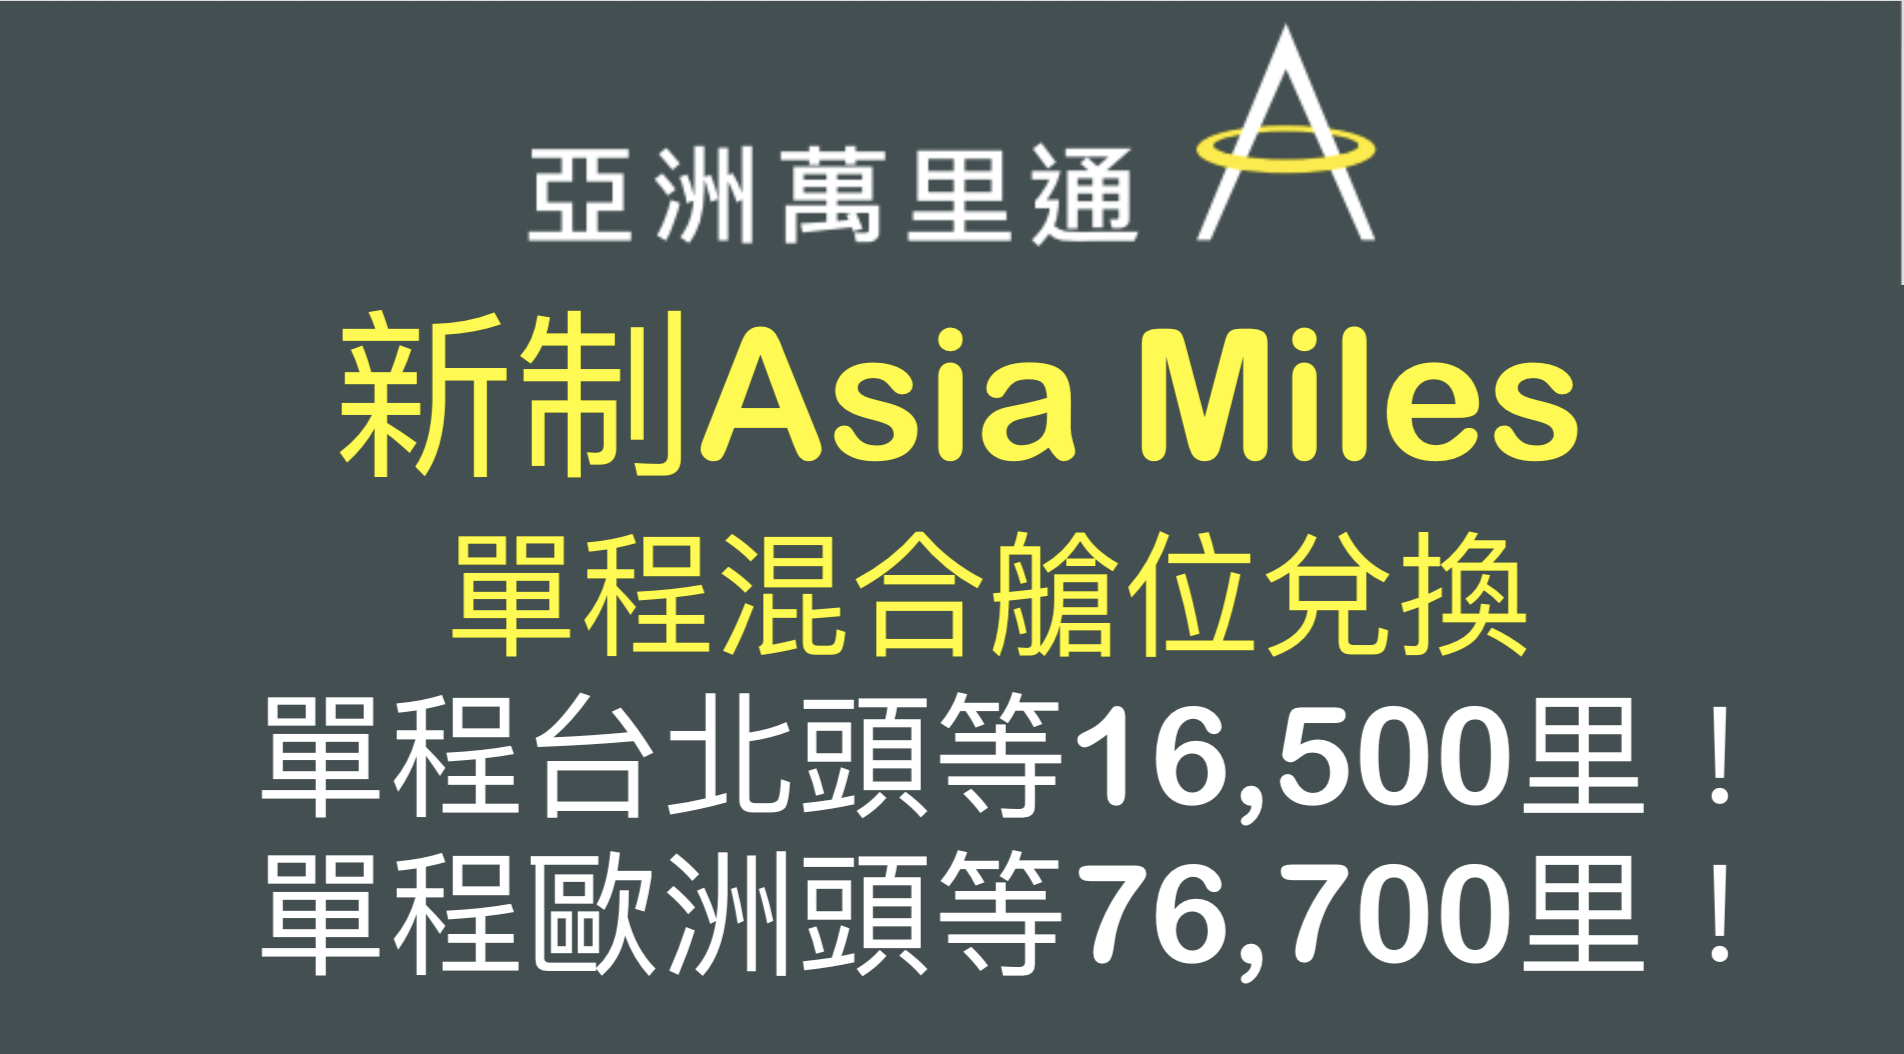 超抵呀!Asia Miles 新制新換法!單程混合艙位兌換 (First + Econ) 可節省近1/4里數!單程台北頭等16,500里!單程歐洲頭等76,700里!